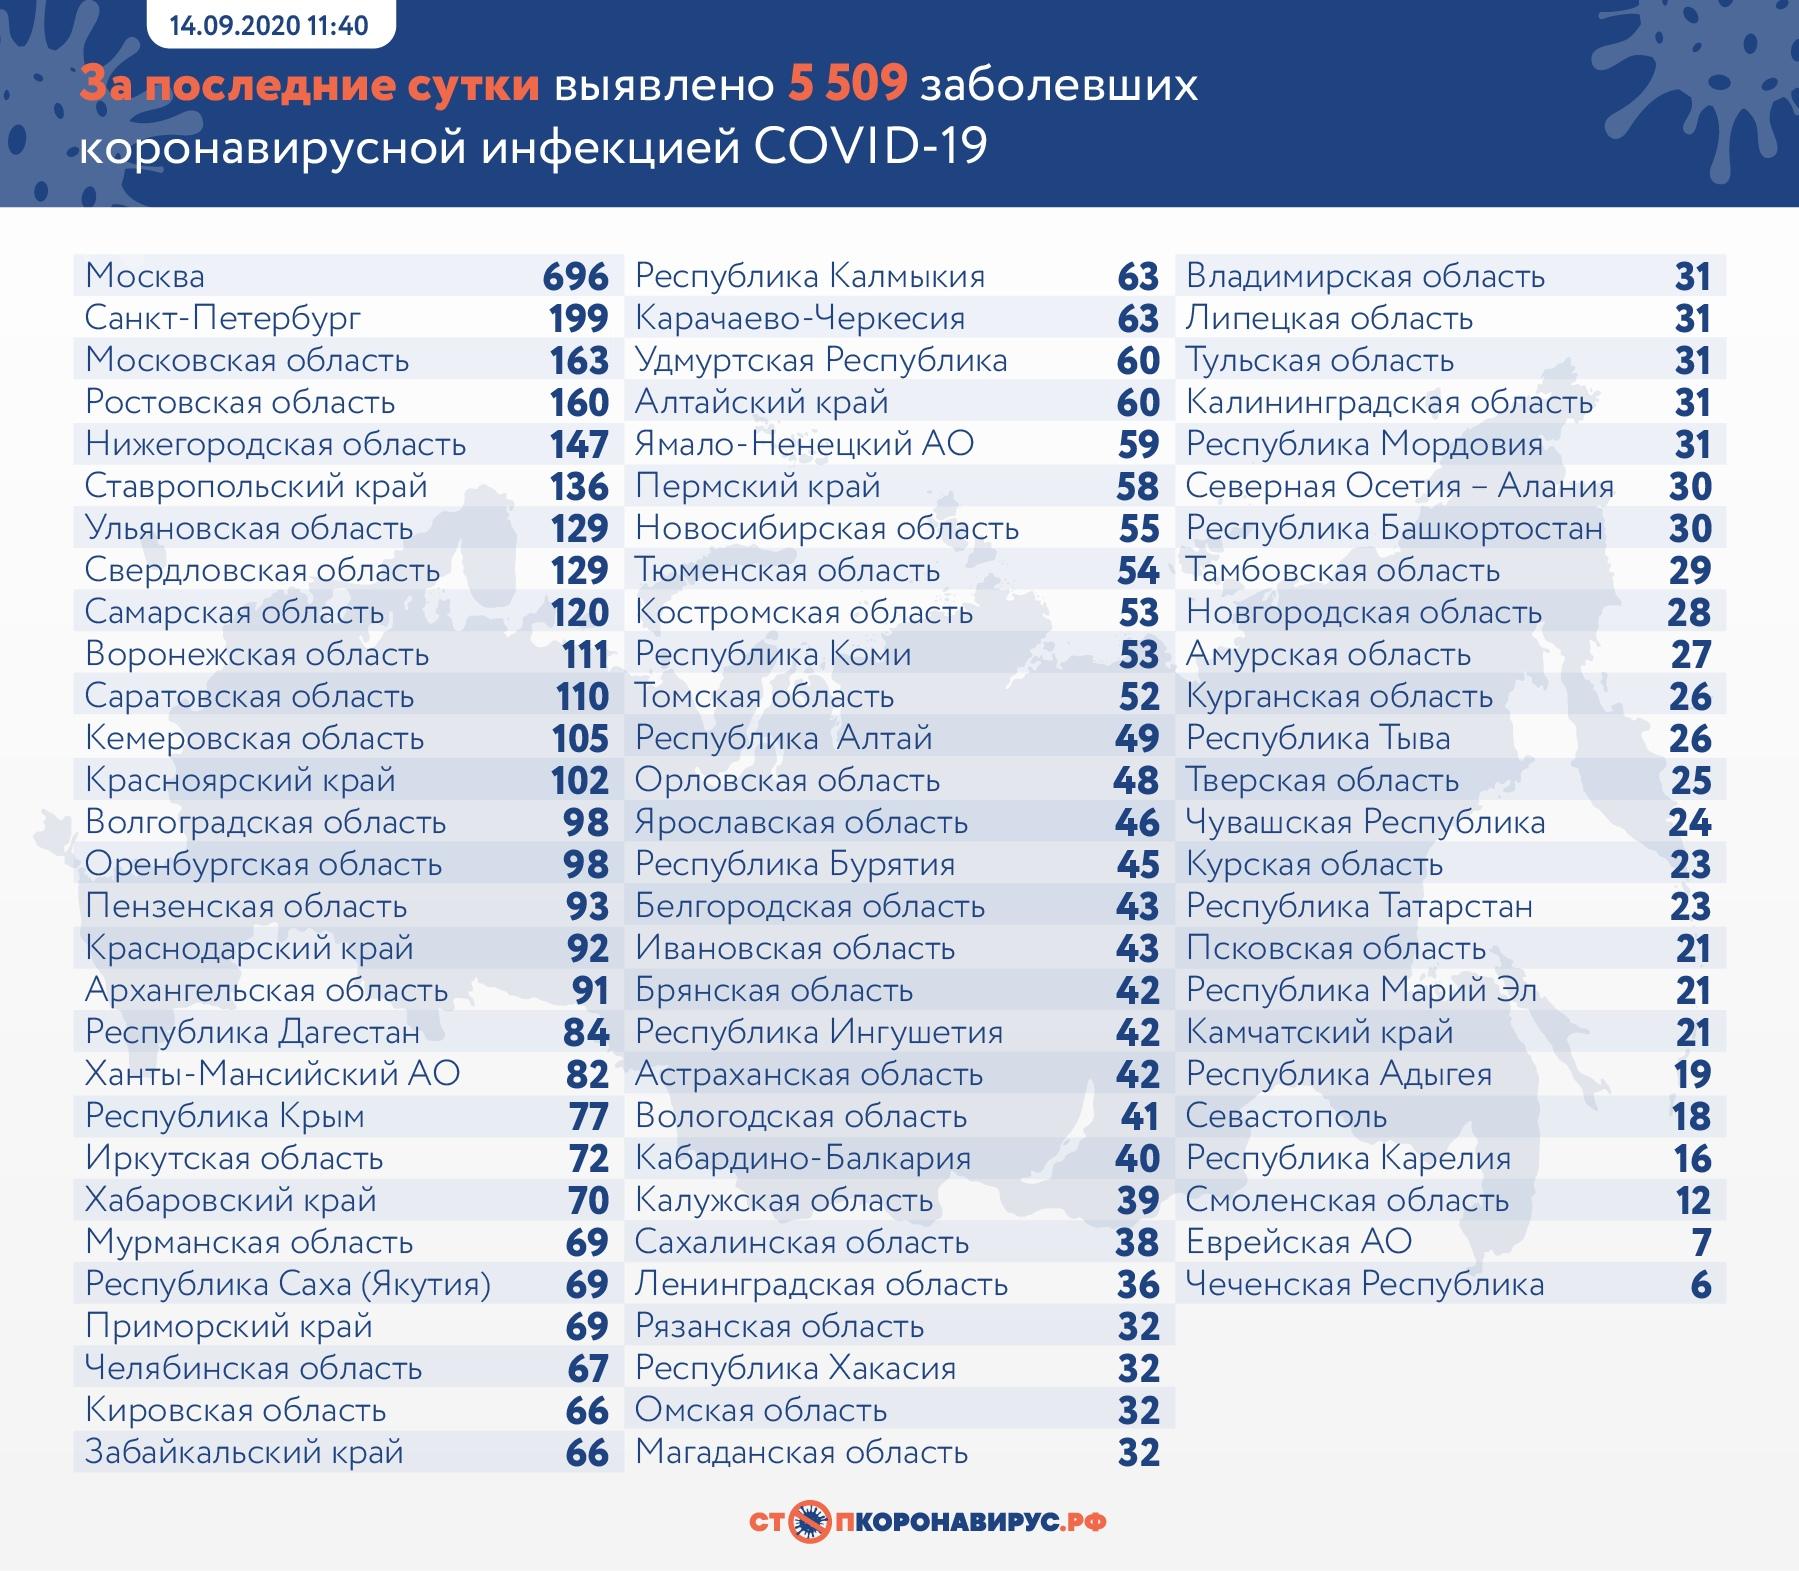 В Самарской области 120 зараженных COVID-19 за сутки